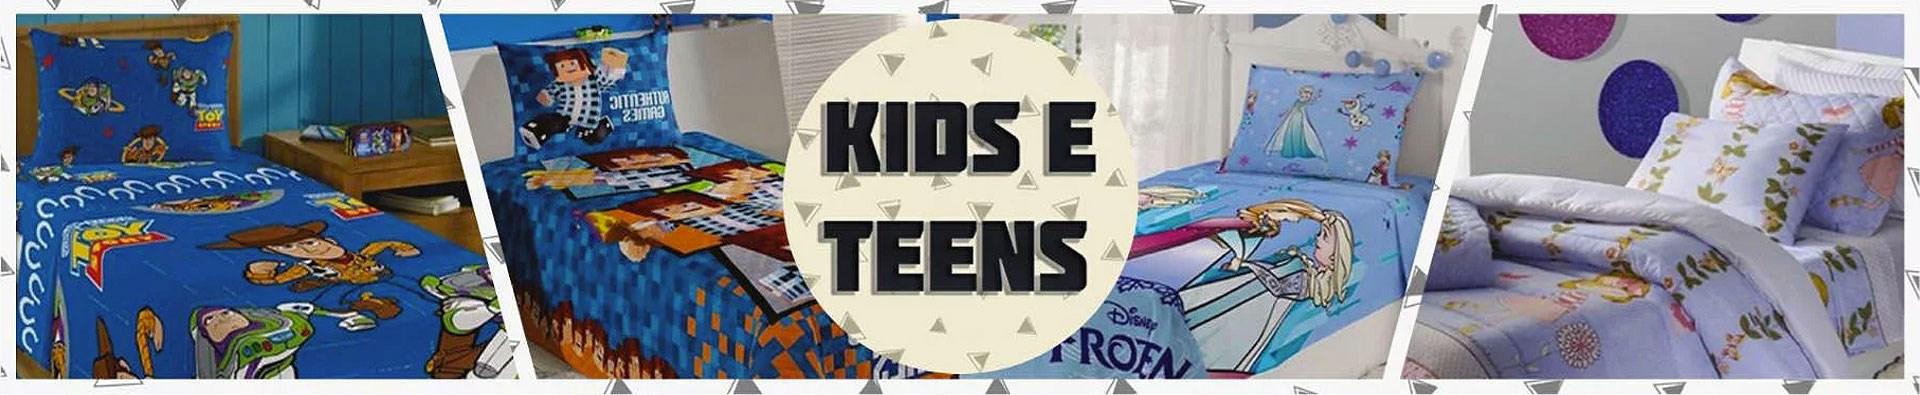 Kids - Teens